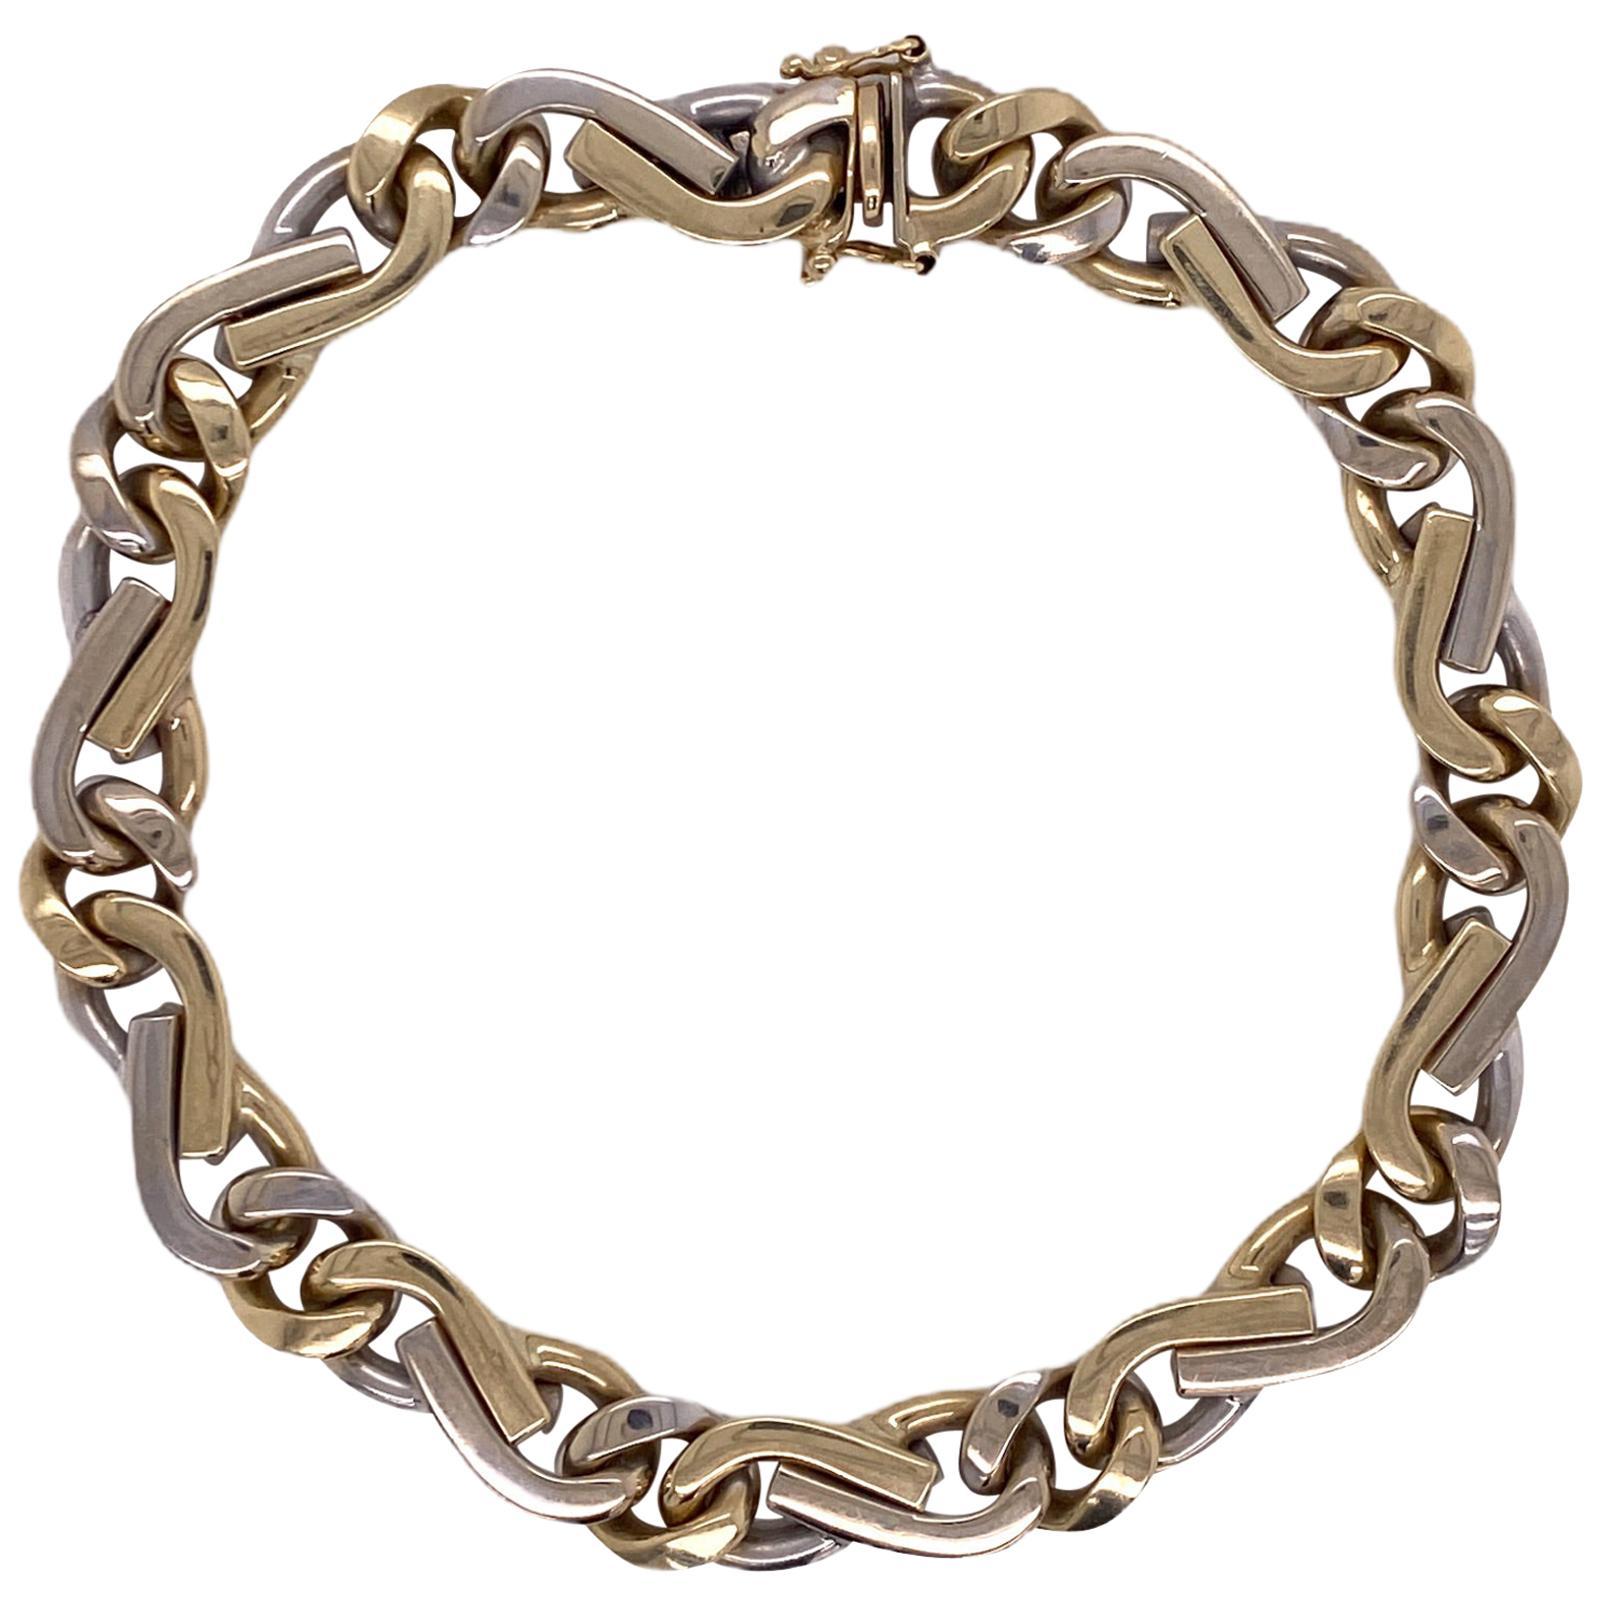 Men's Italian 14 Karat Two-Tone Link Bracelet